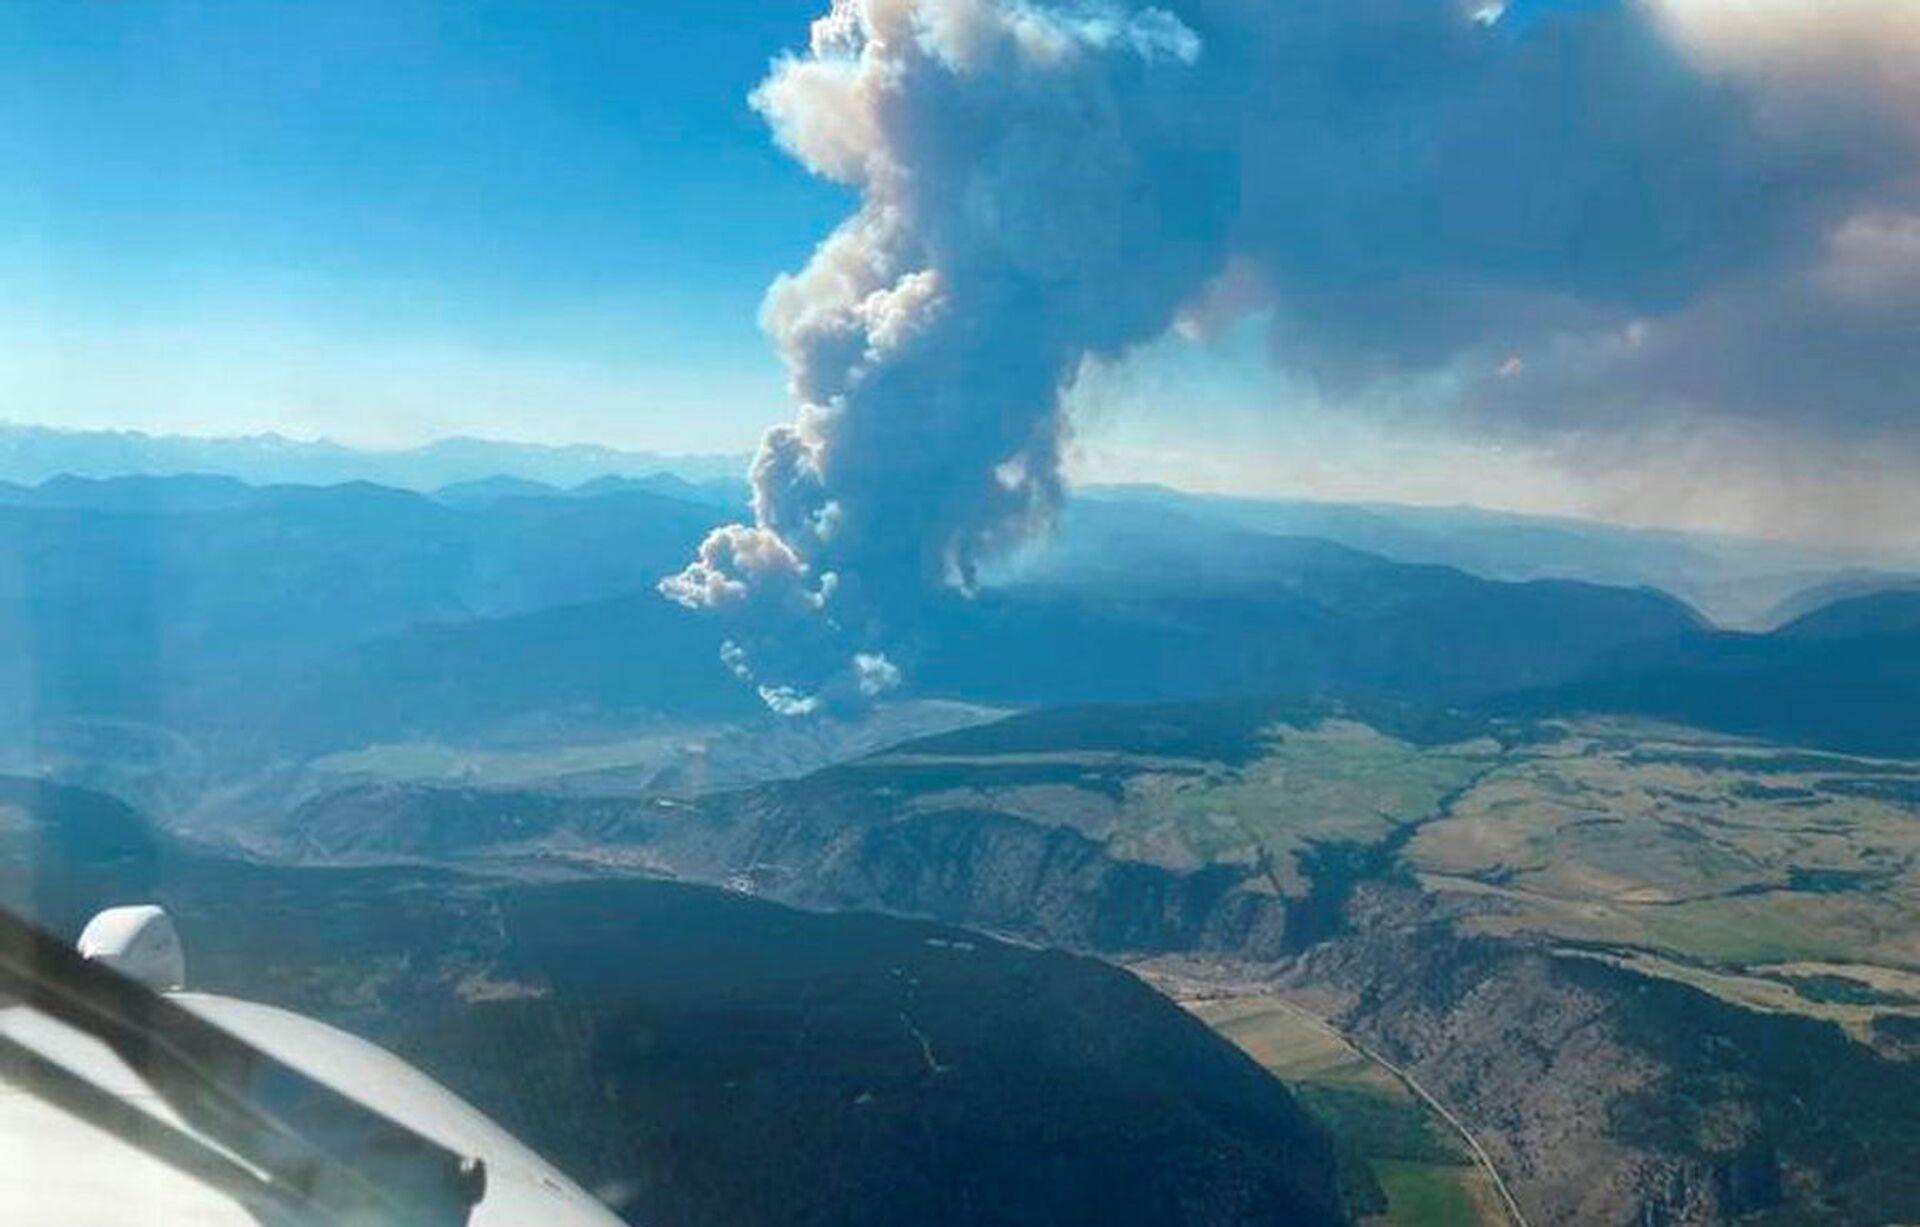 Cháy rừng ở miền tây Canada trong bối cảnh nền nhiệt bất thường - Sputnik Việt Nam, 1920, 02.07.2021